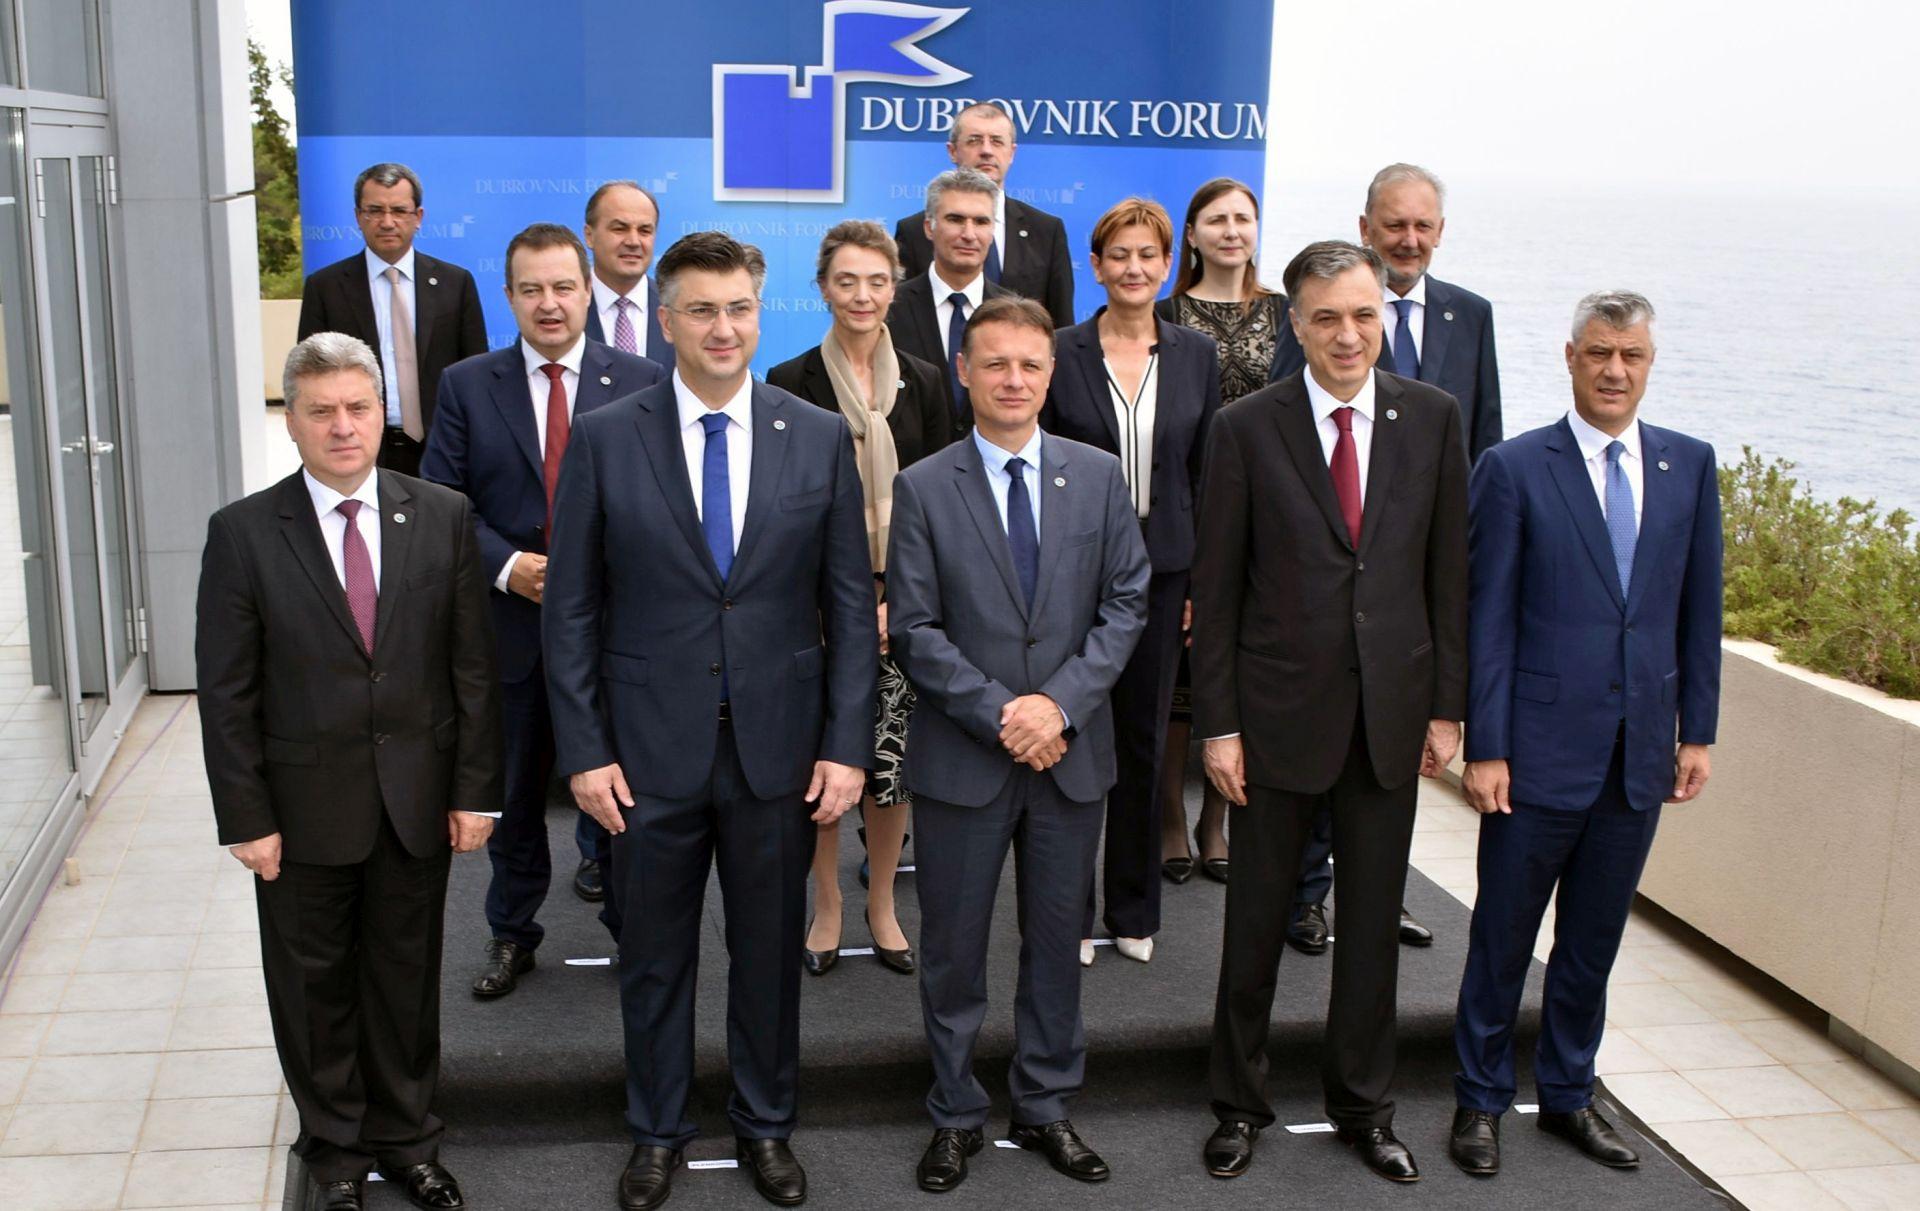 Završio 12. Dubrovnik Forum